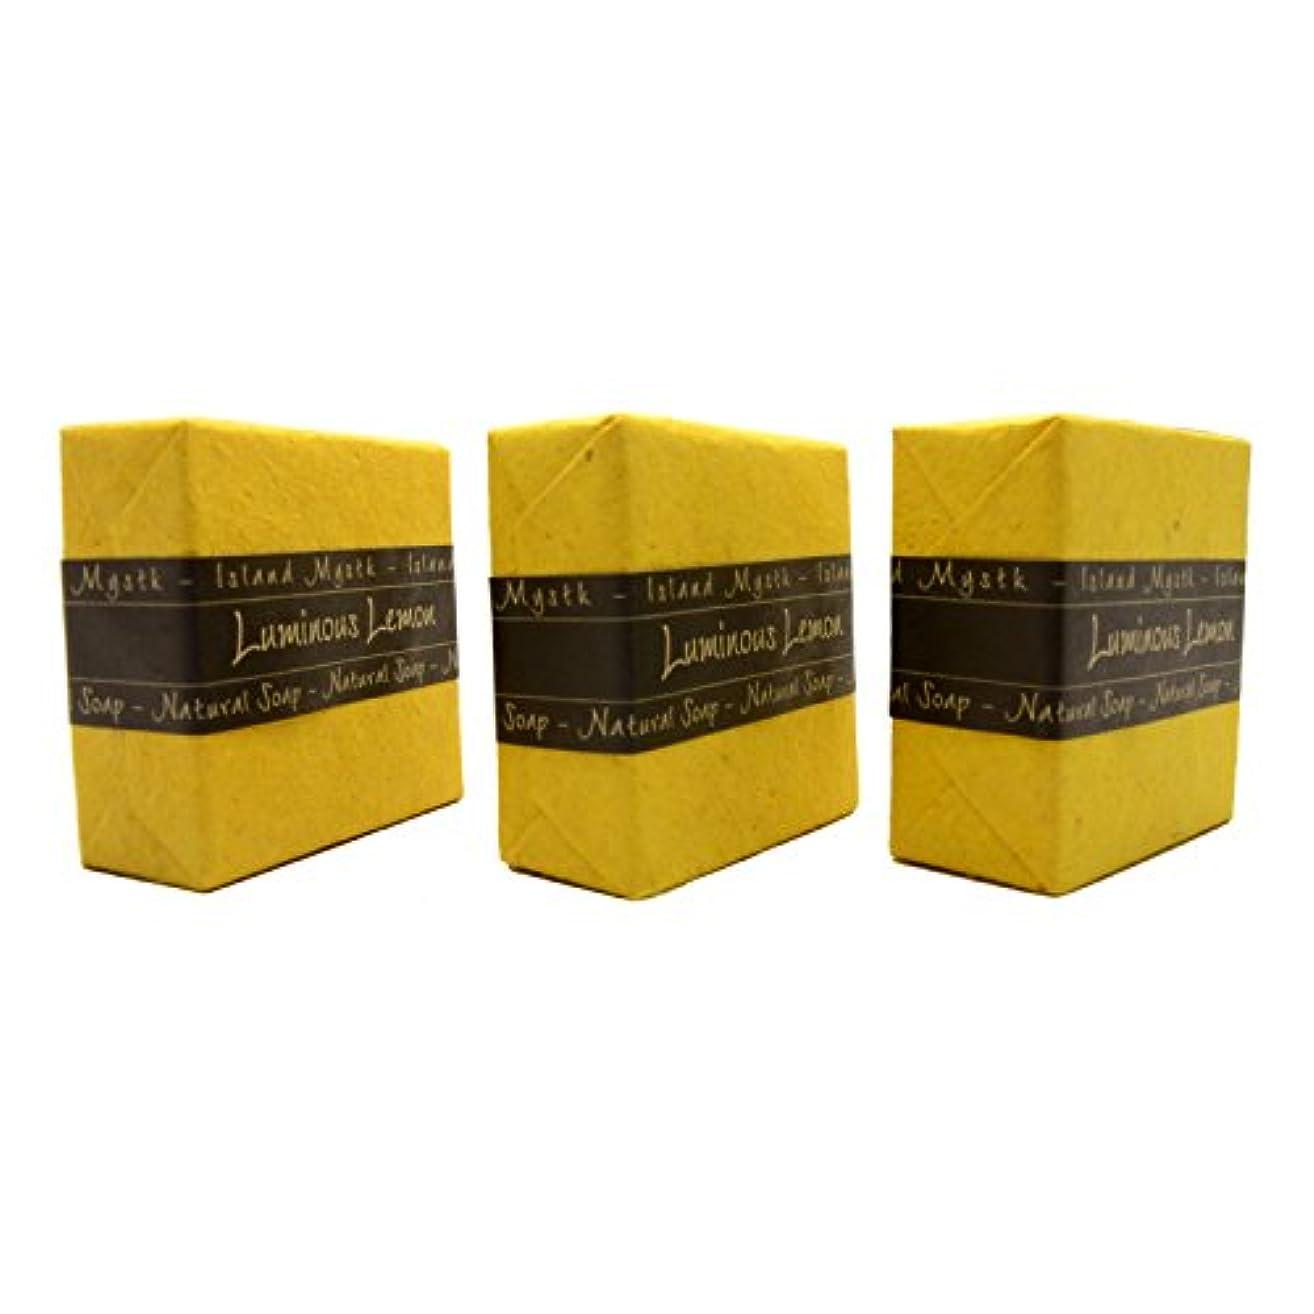 プリーツサーキュレーションガイドアイランドミスティック ルミナスレモン 3個セット 115g×3 ココナッツ石鹸 バリ島 Island Mystk 天然素材100% 無添加 オーガニック